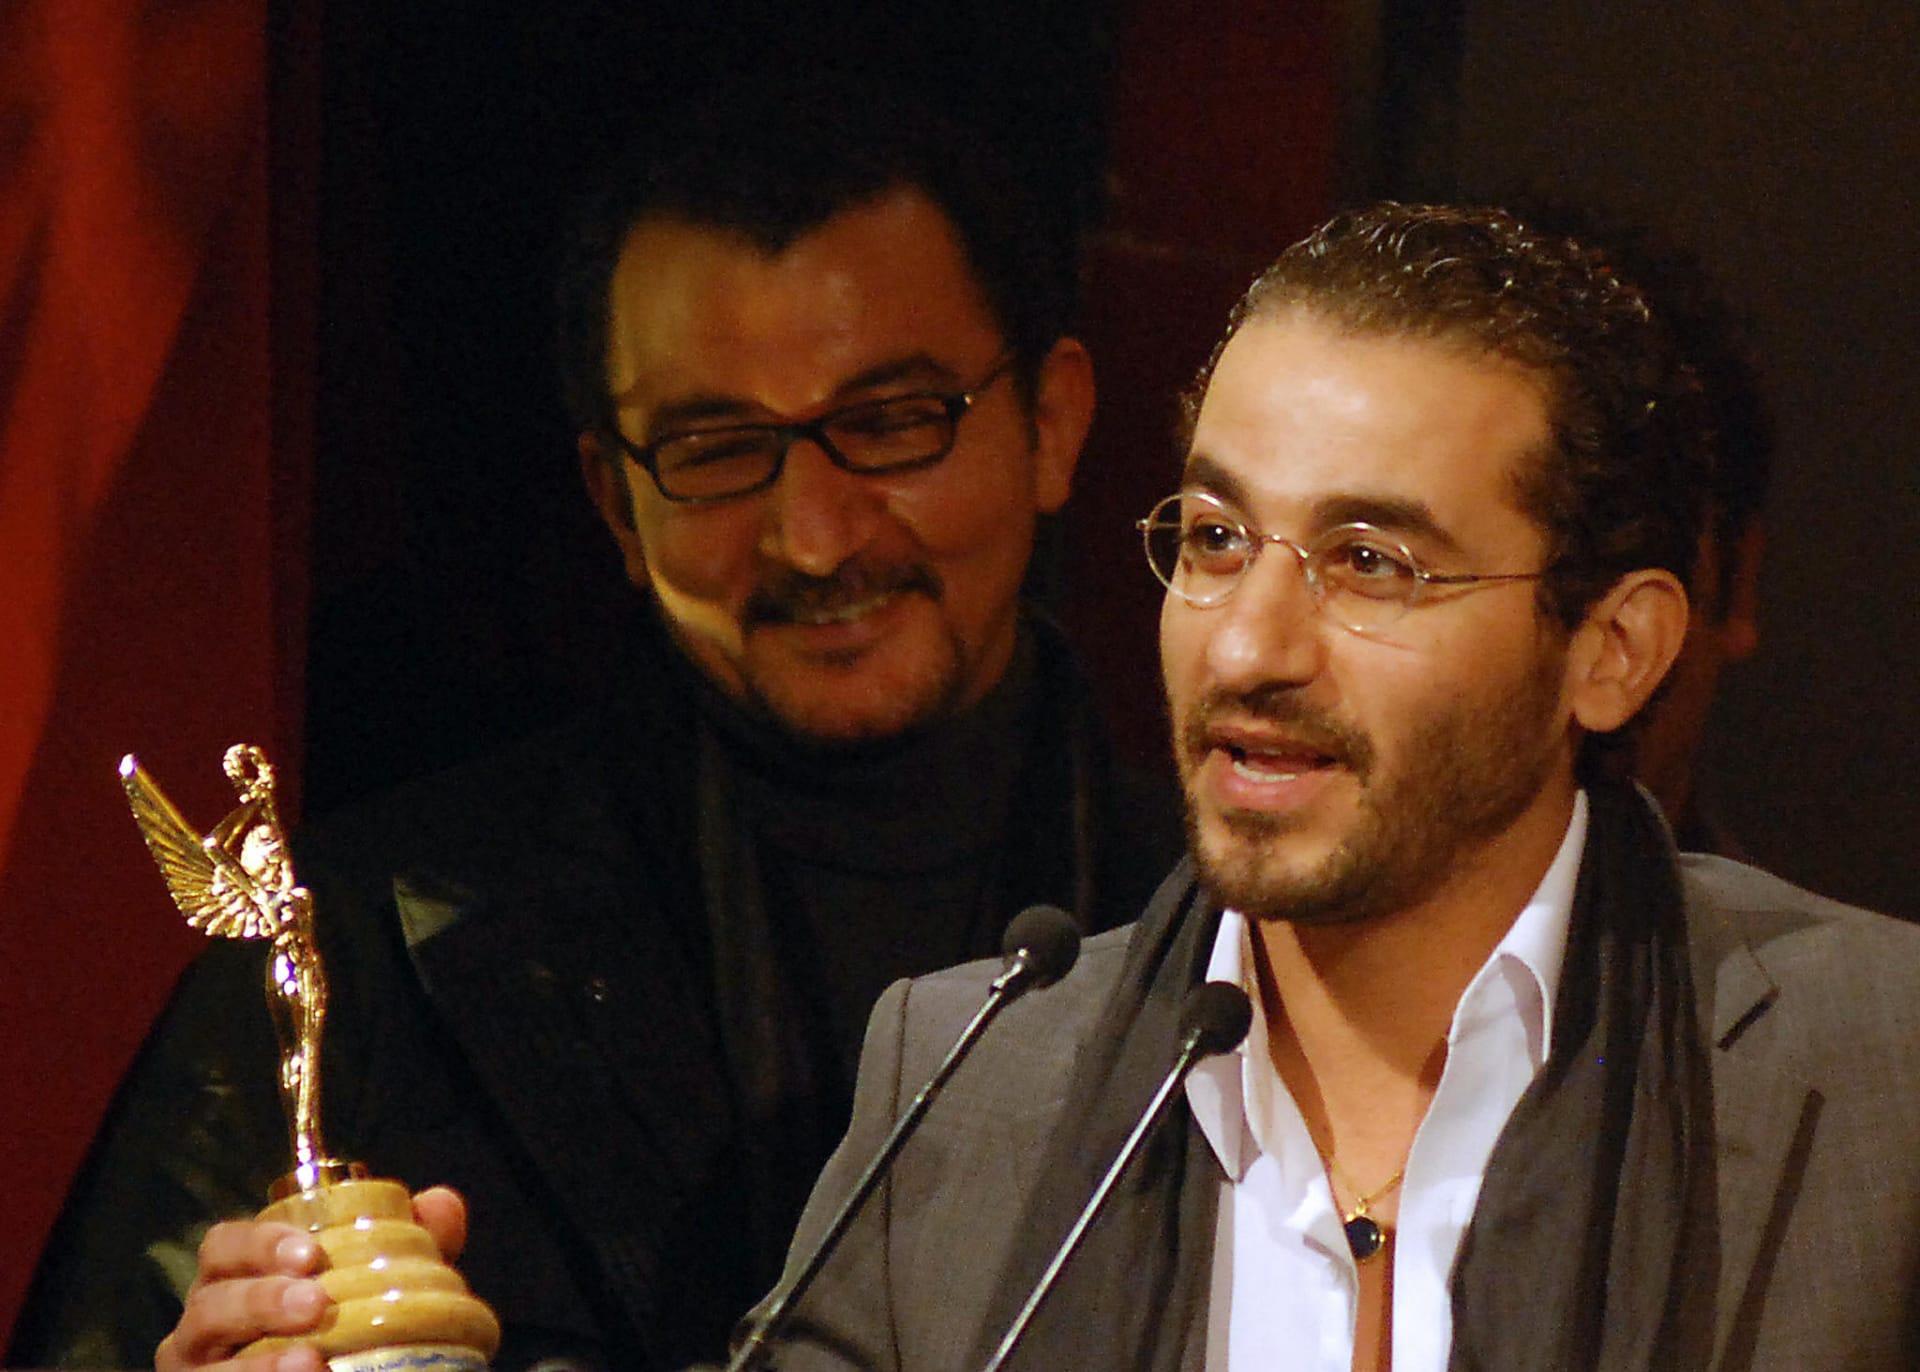 مشهد كوميدي طريف على تويتر أبطاله.. أحمد حلمي، محمد هنيدي وأحمد السقا